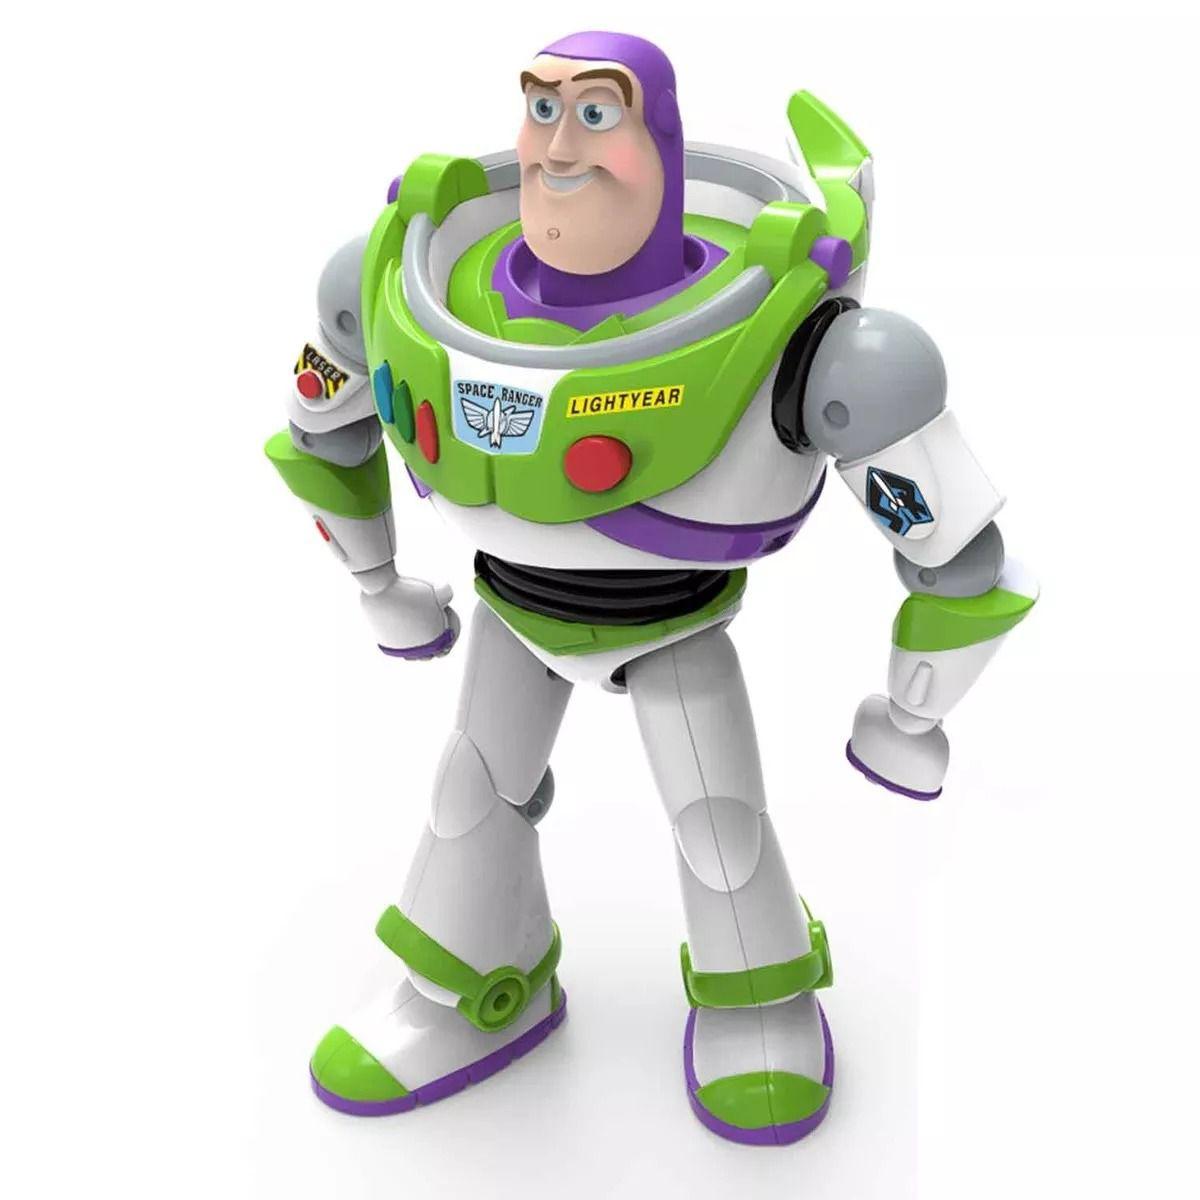 Boneco Buzz Lightyear Toy Story 4 - 25 Cm Articulado E Com Som Português -Toyng  - Doce Diversão